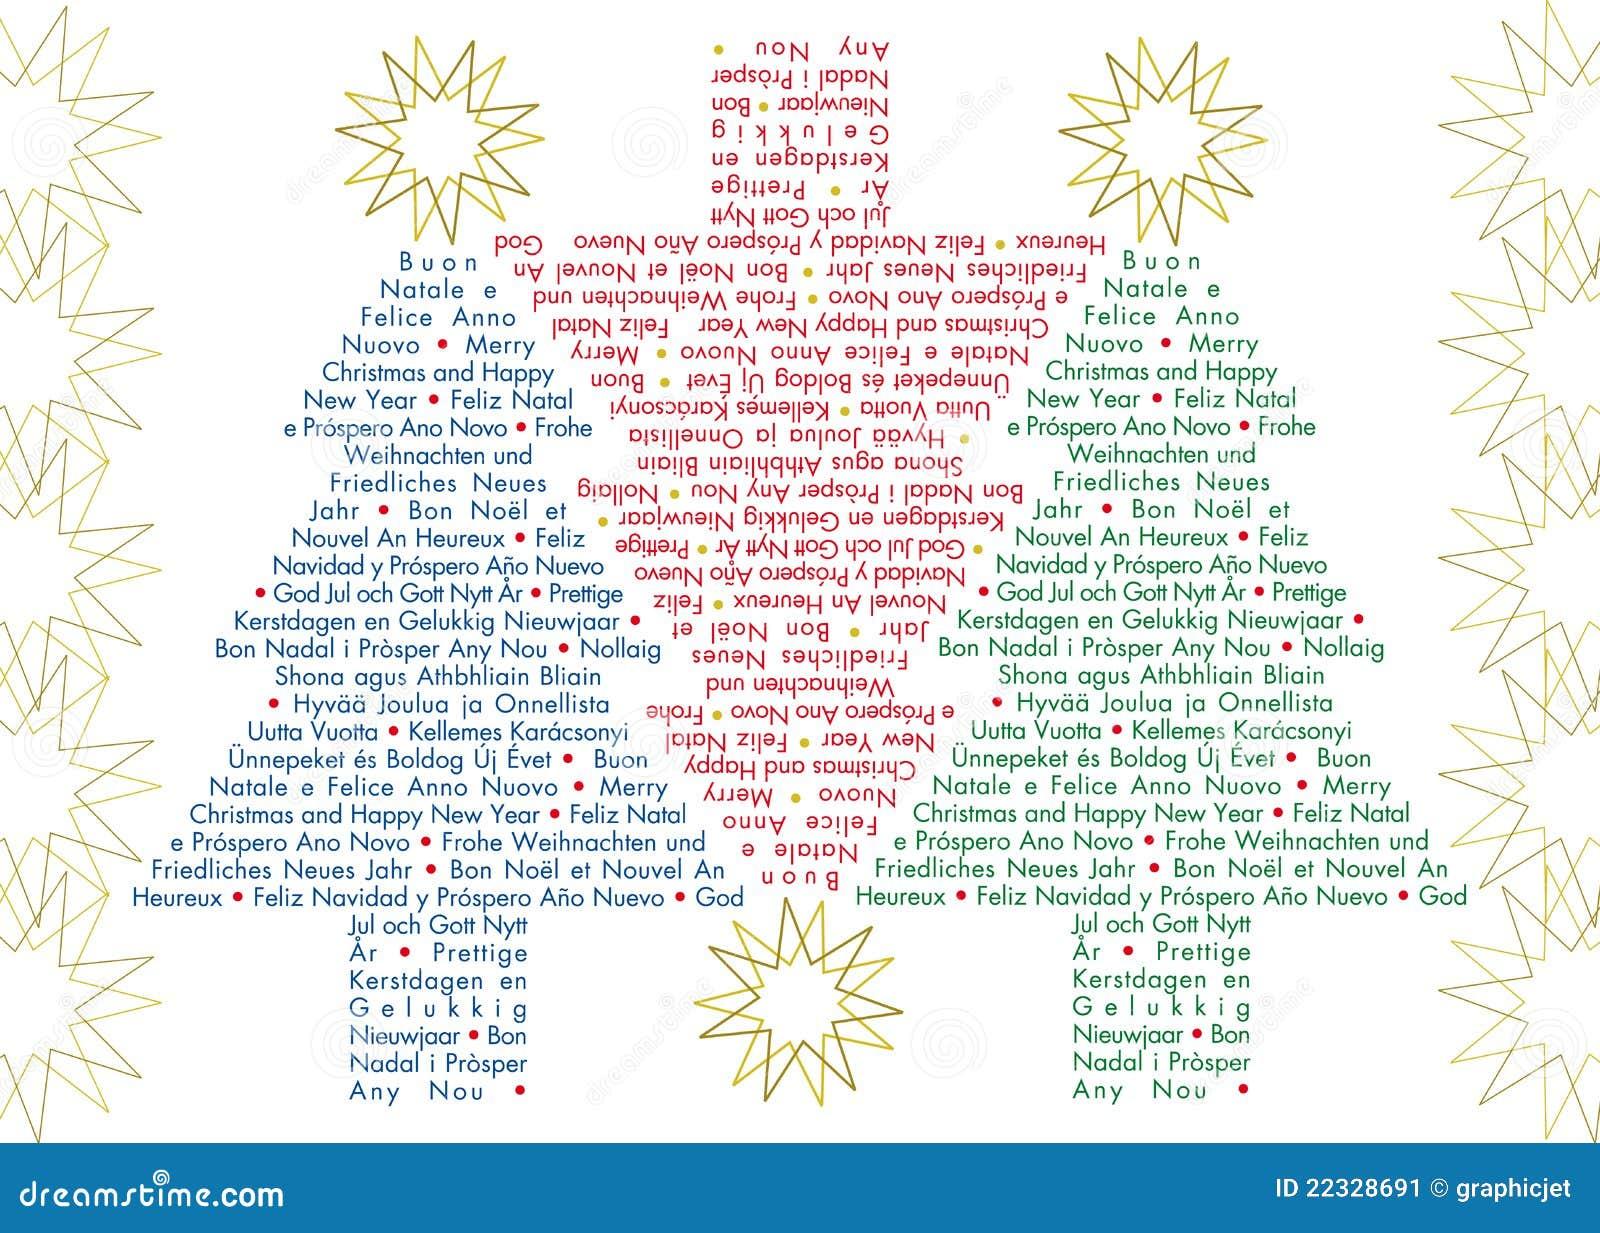 Weihnachtsgrüße In Verschiedenen Sprachen.Gruß Weihnachtsbäume In Den Verschiedenen Sprachen Vektor Abbildung